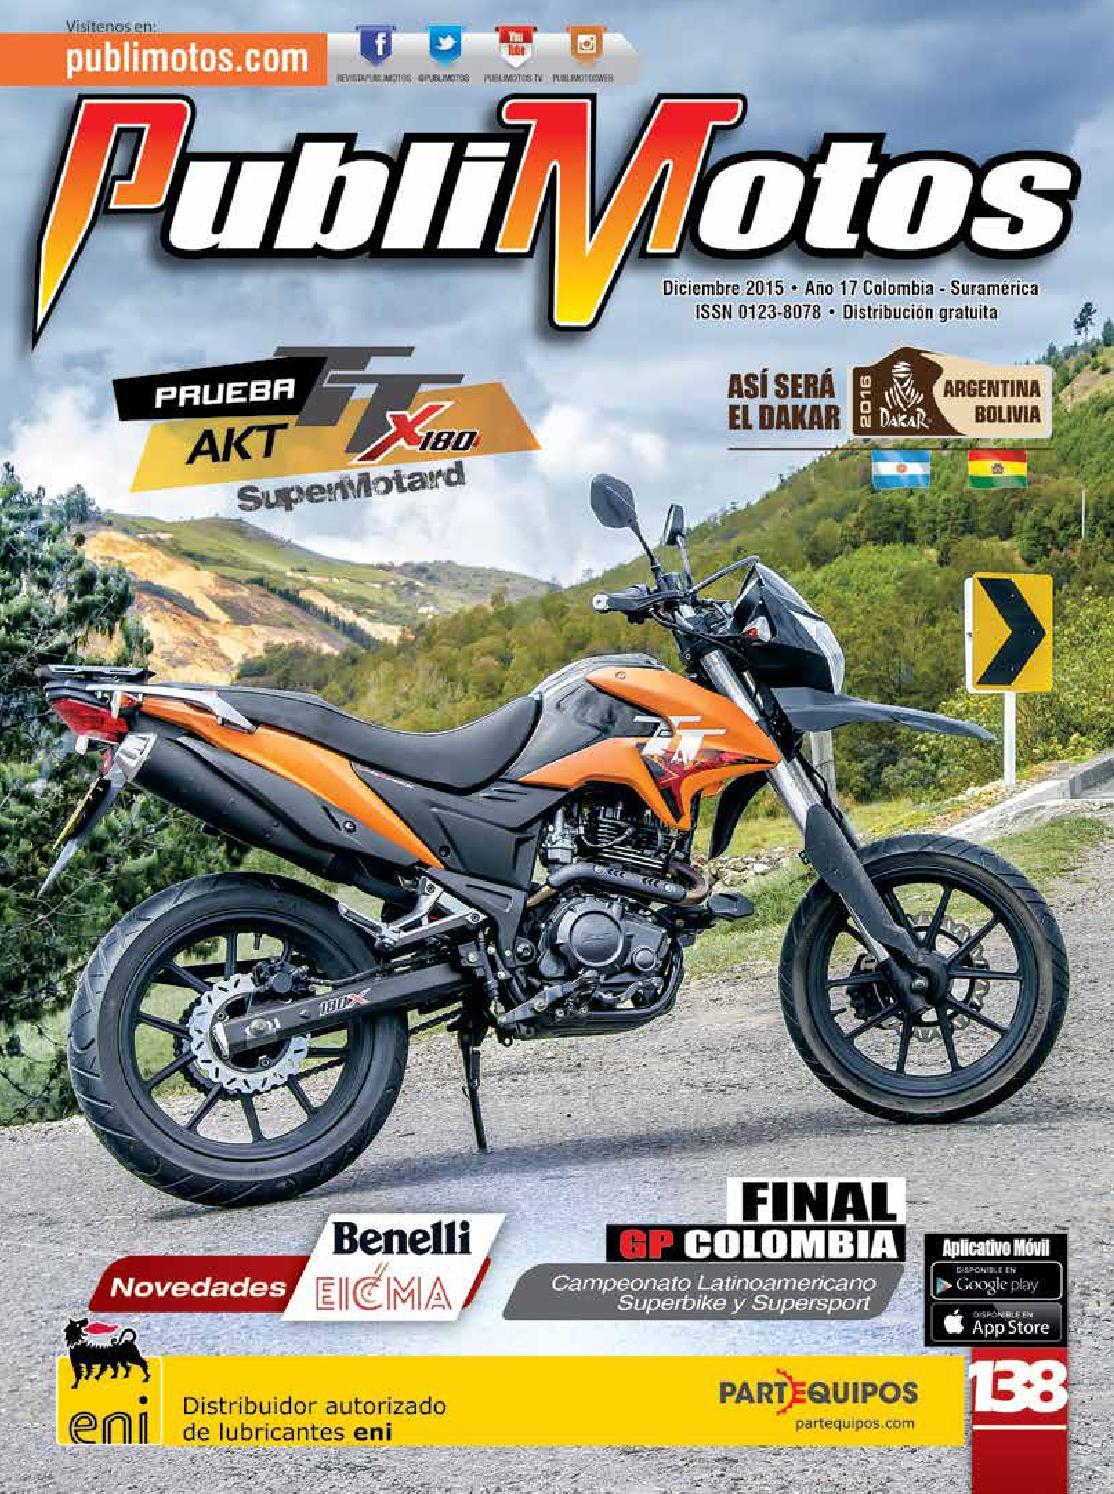 Publimotos 138 by publimotos revista - issuu d80d41fe5e9